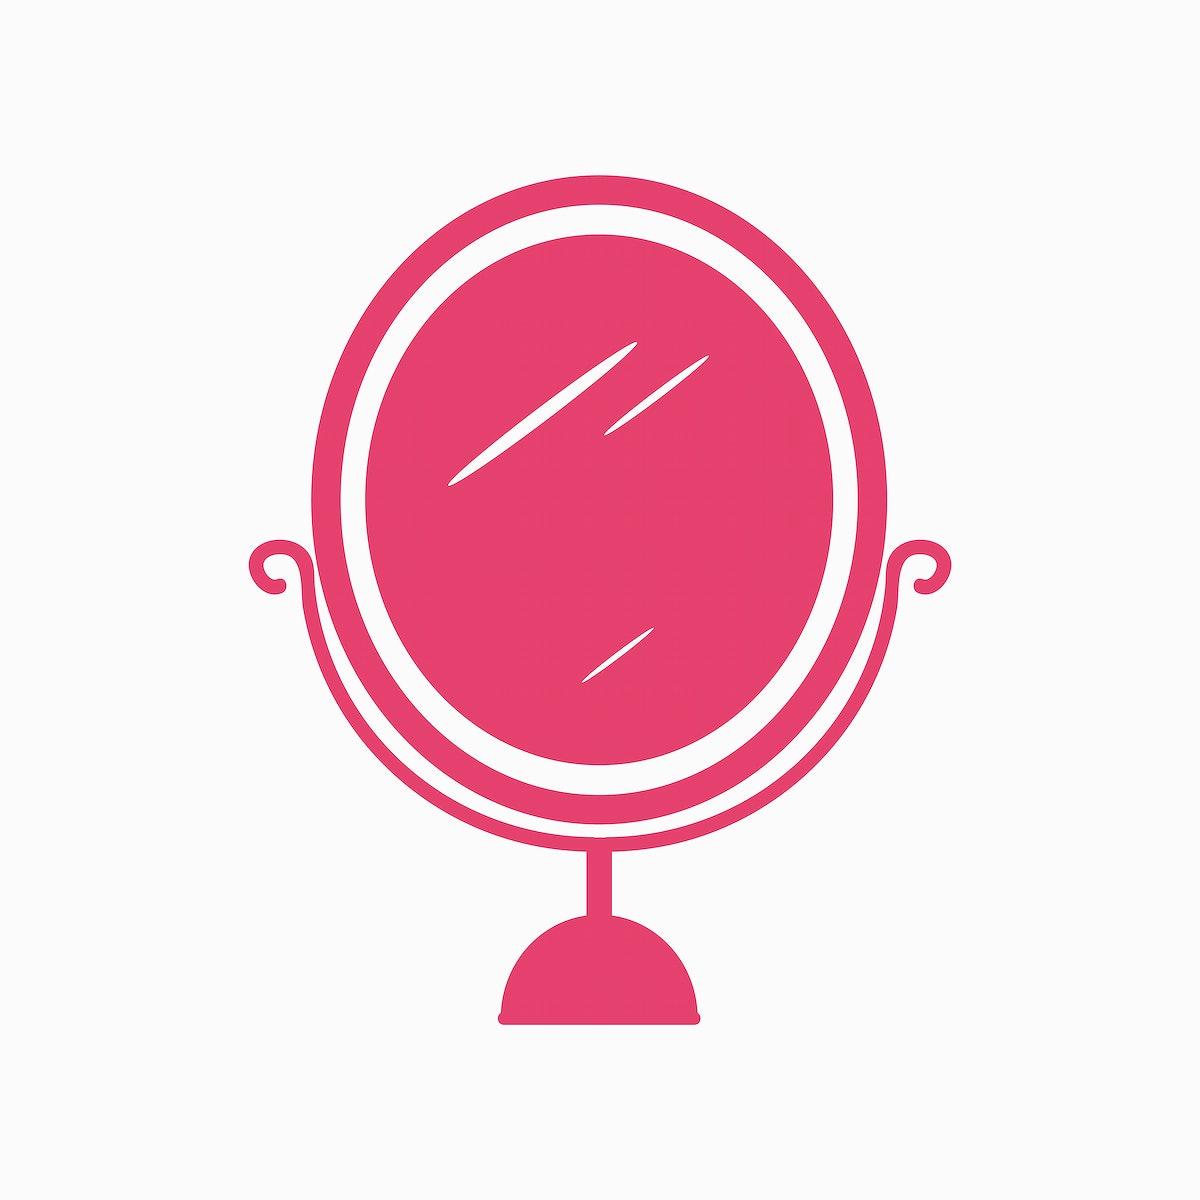 Pink mirror icon cosmetics vector